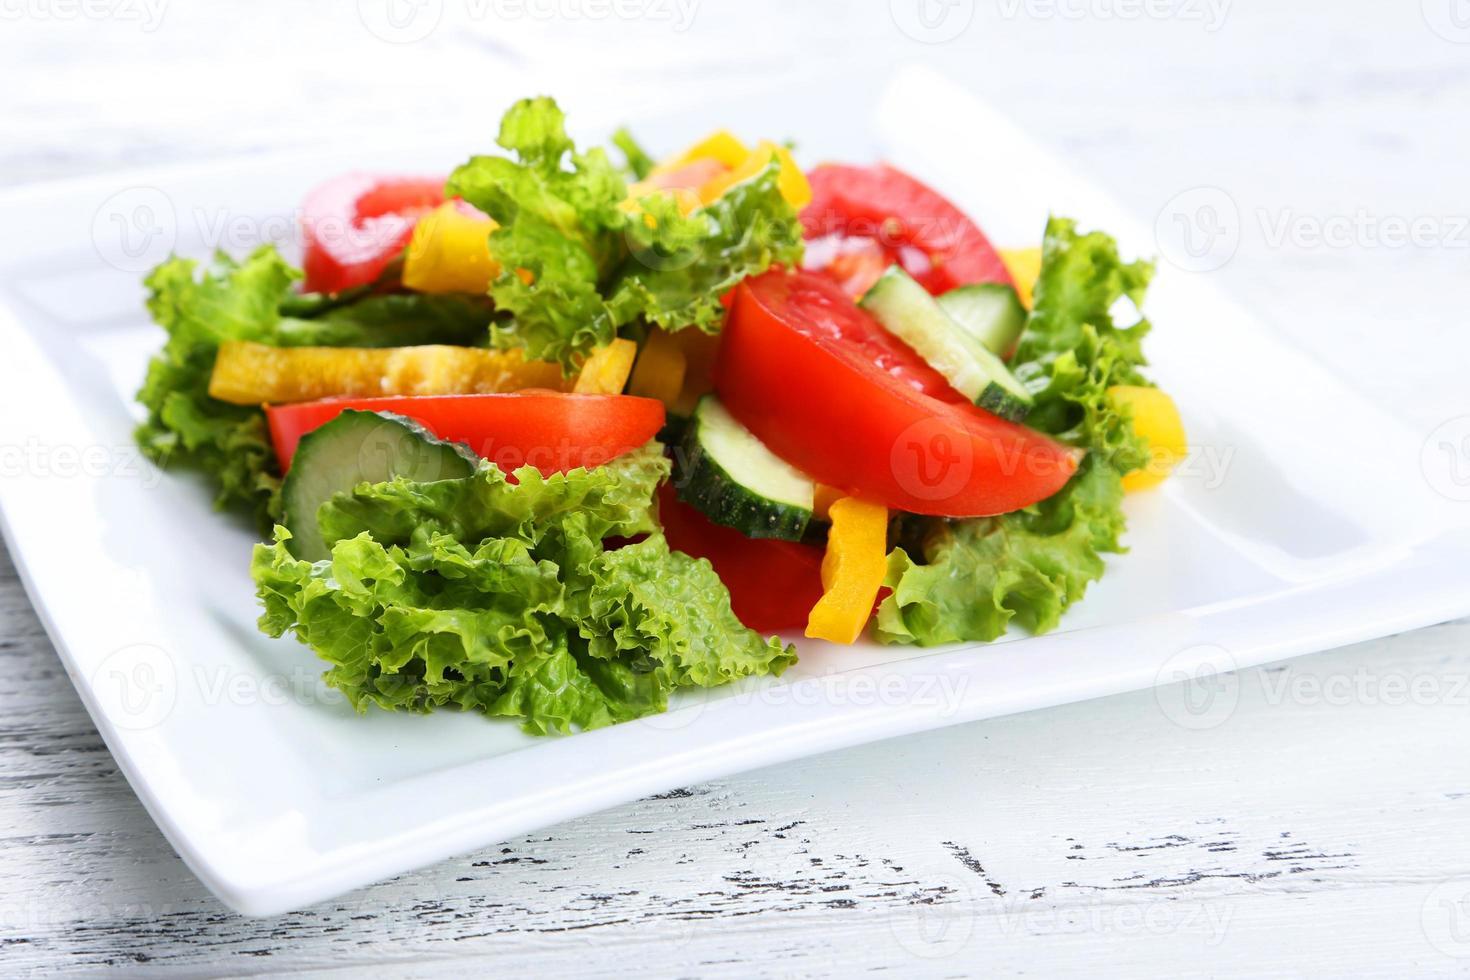 salada de legumes fresca em fundo branco de madeira foto